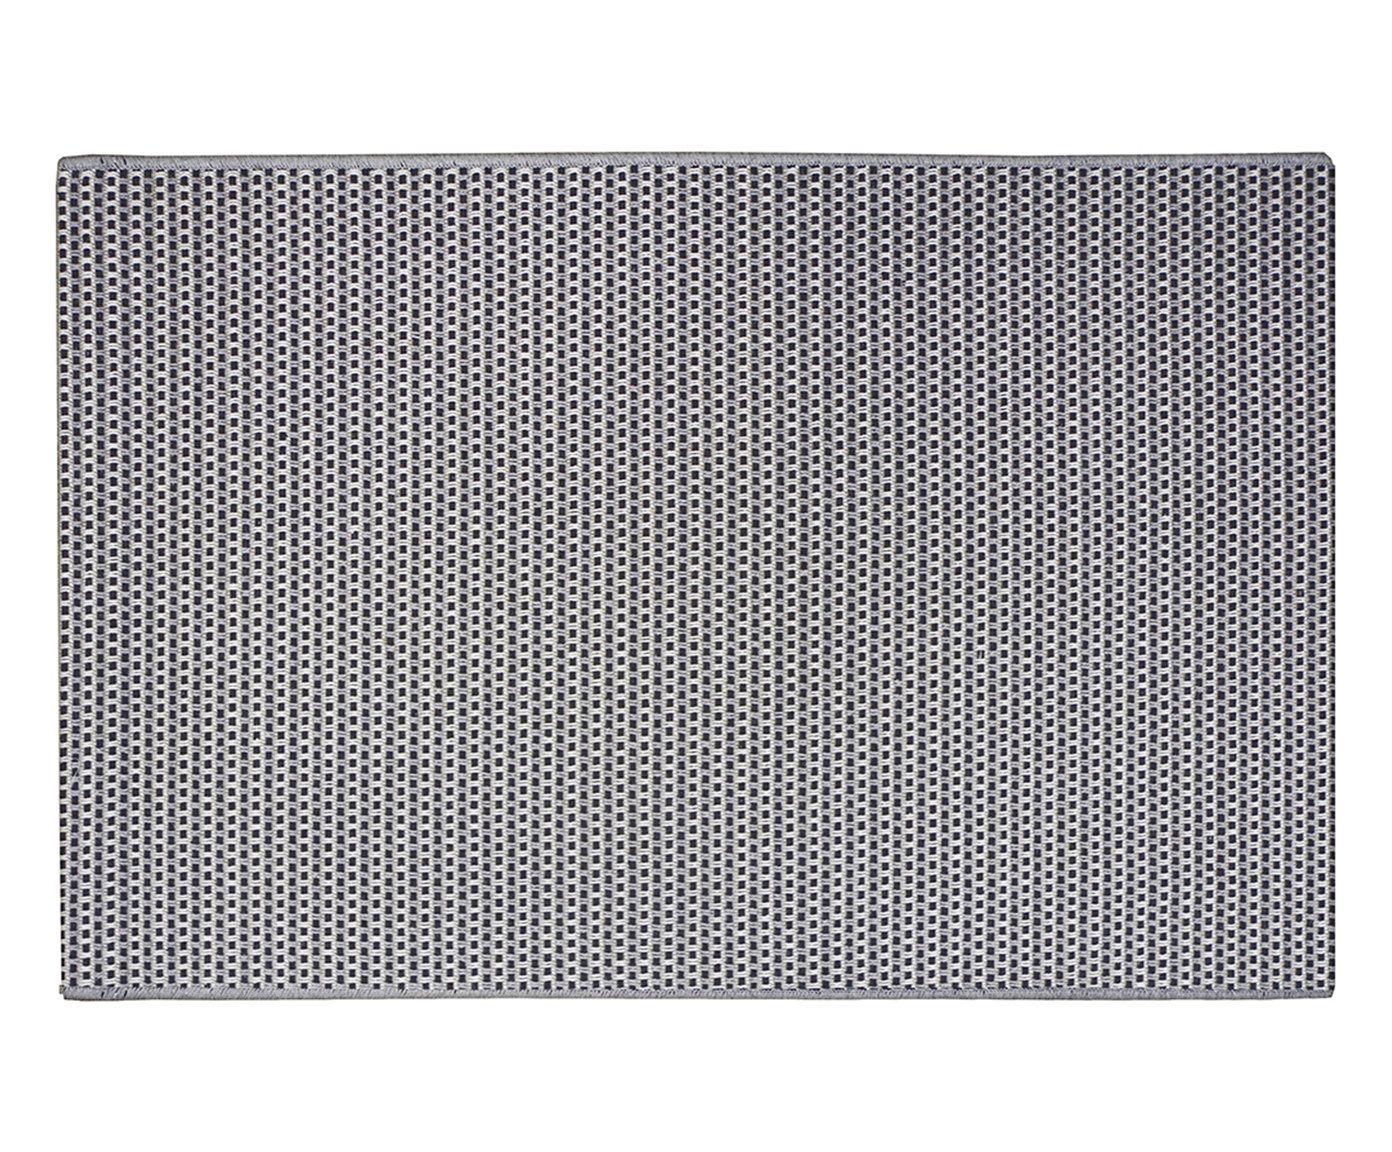 Tapete Cotton Texture Jeans - 160X235cm   Westwing.com.br